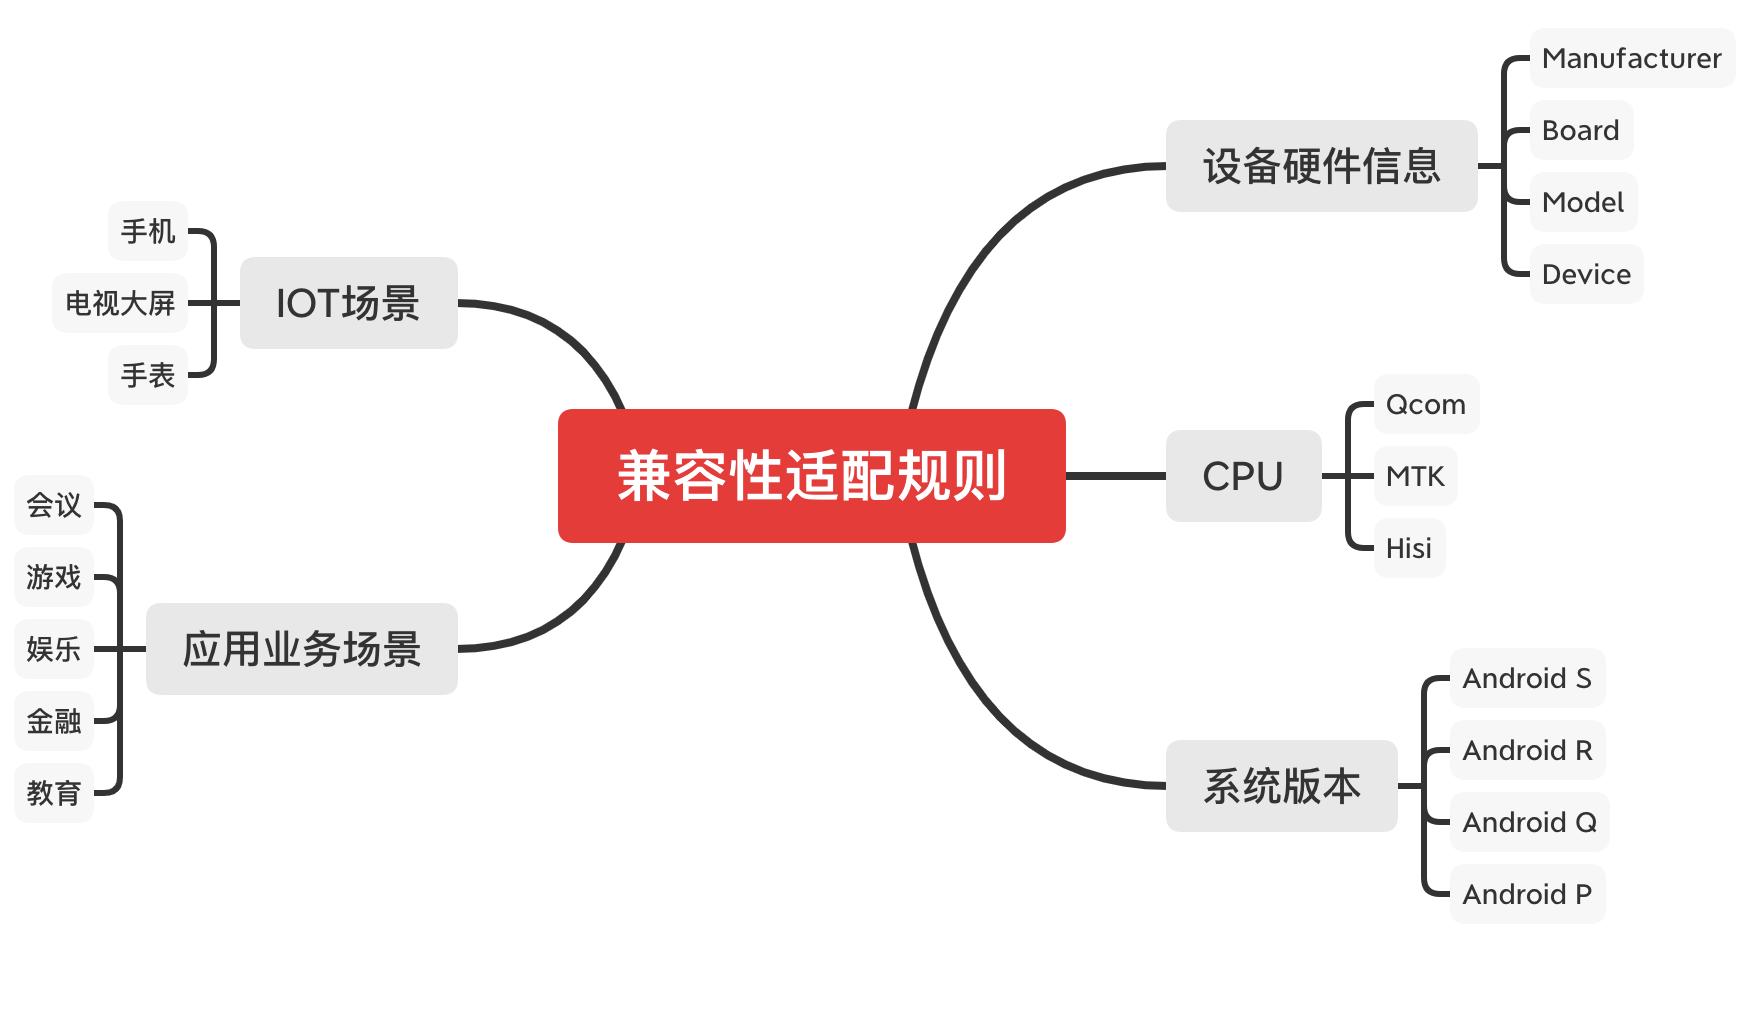 制定兼容性适配规则的几个维度